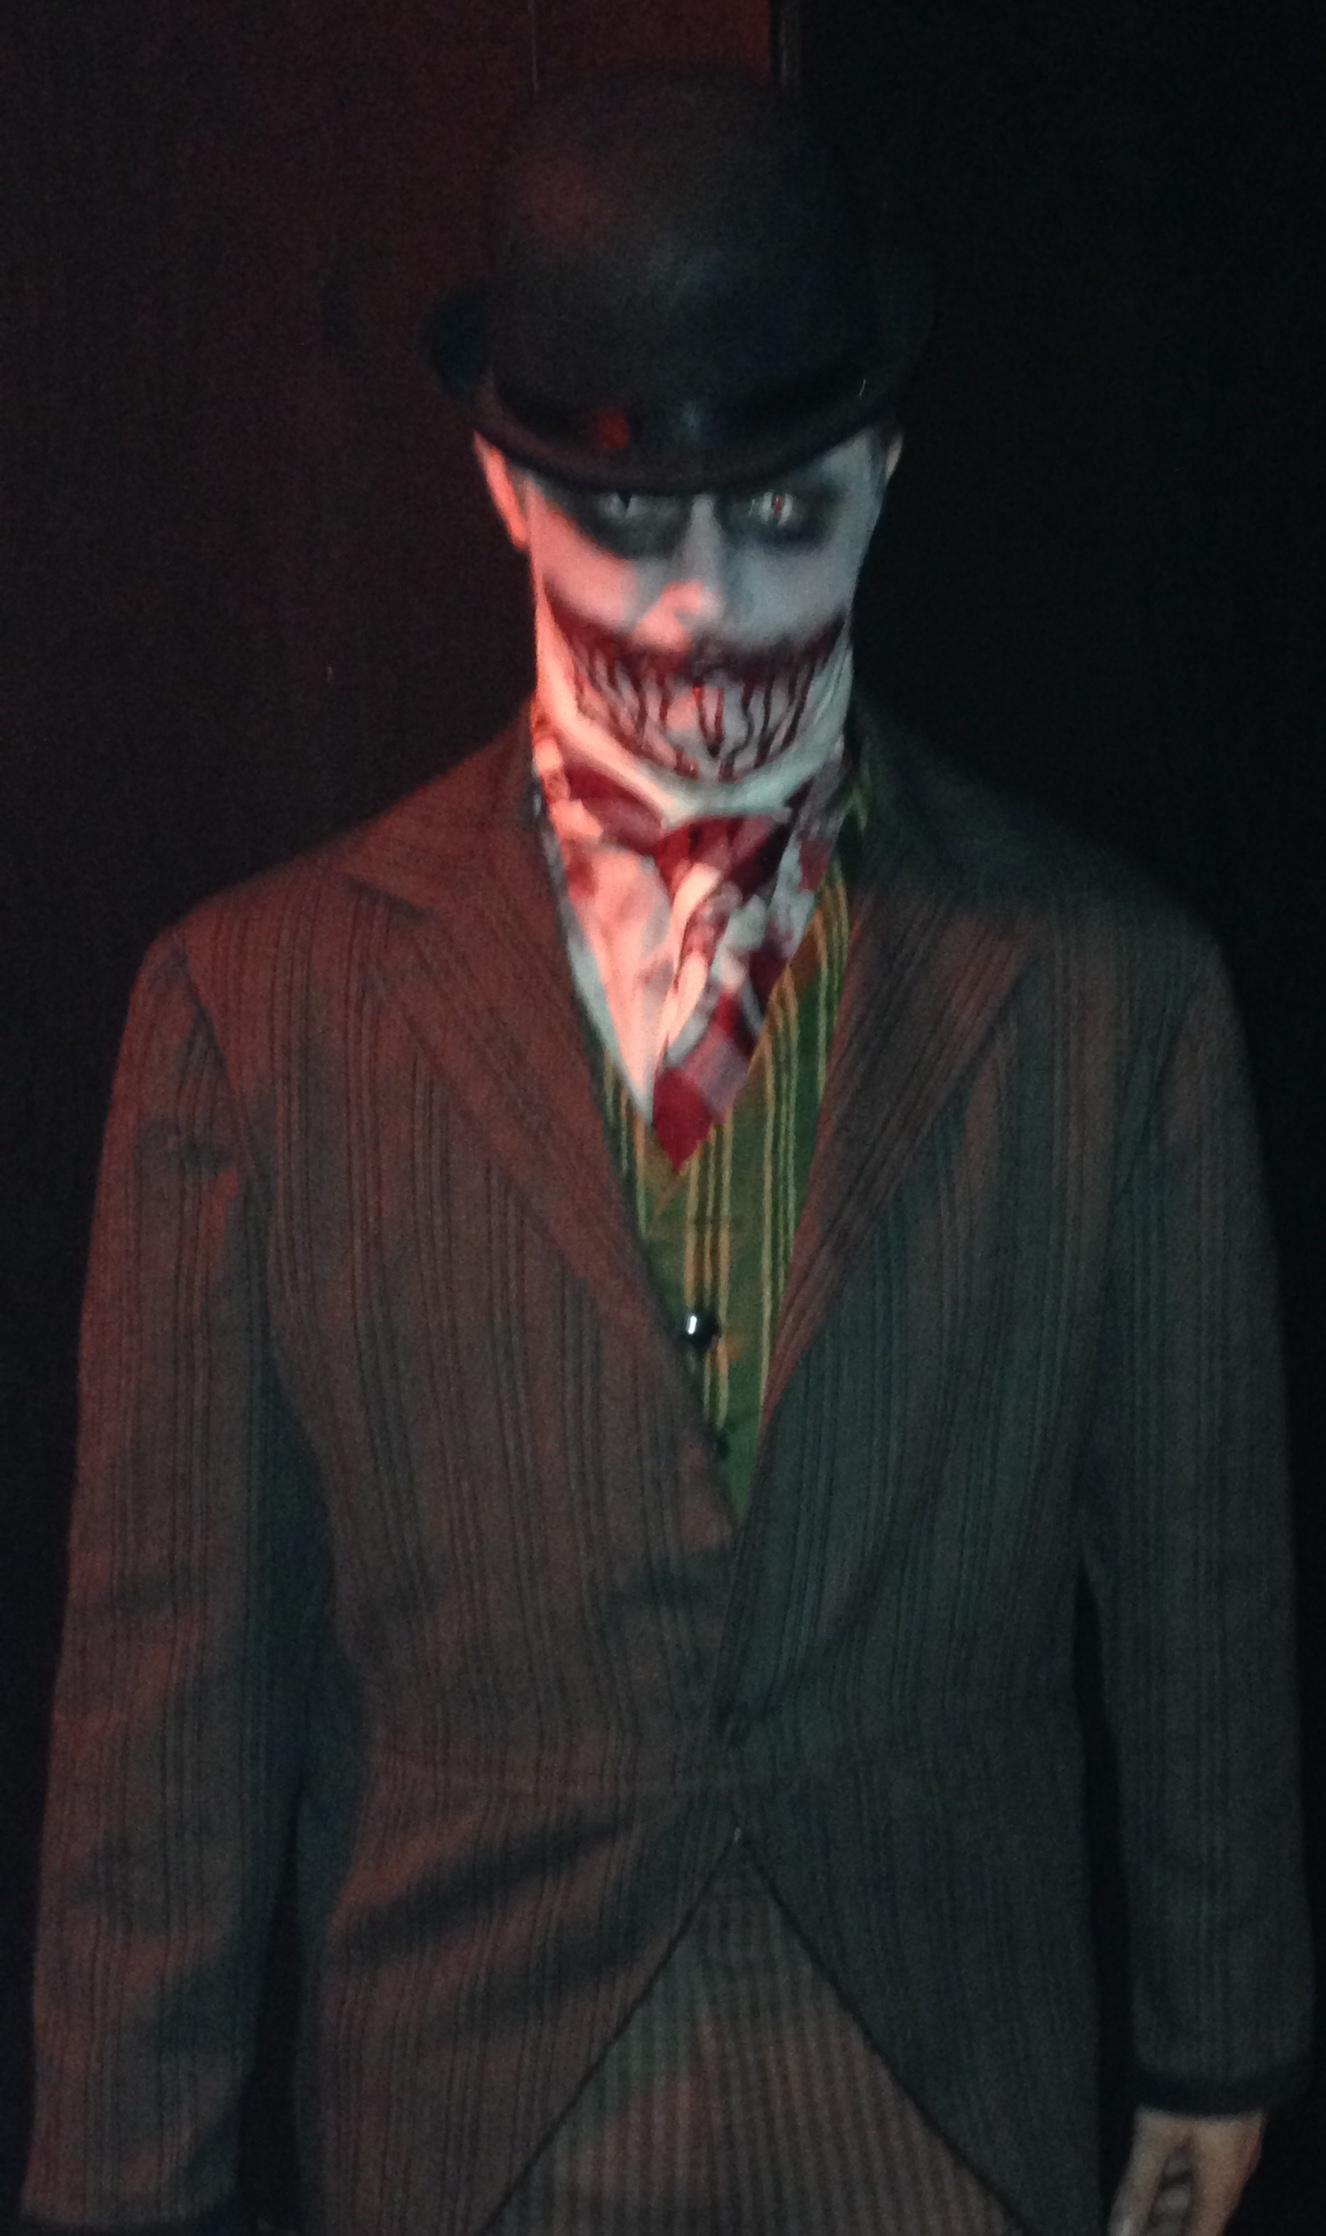 halloween horror music download